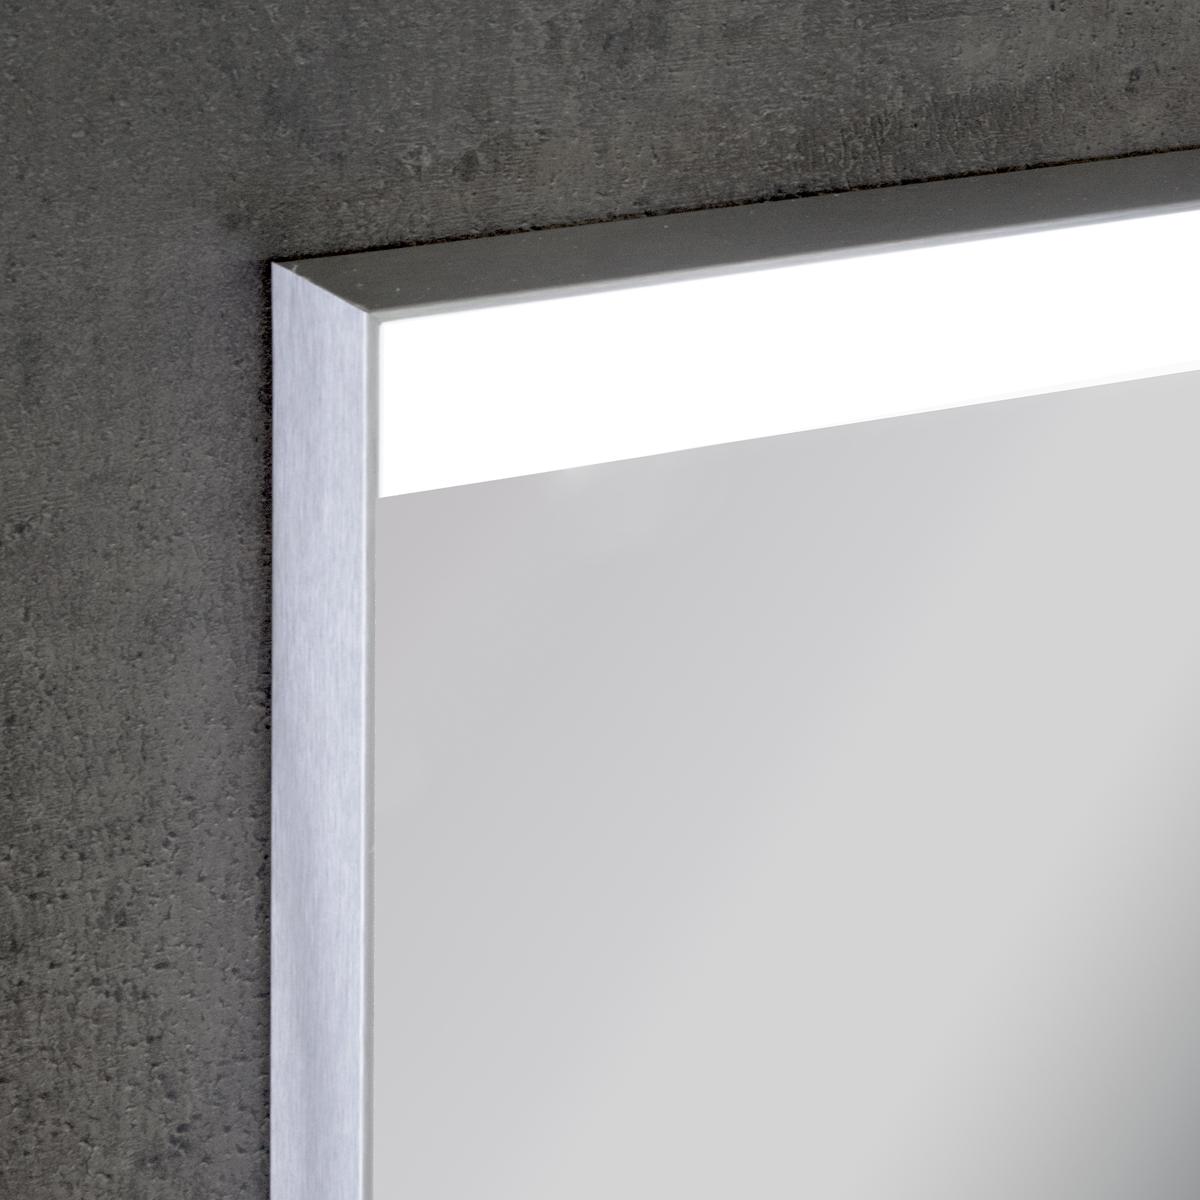 denver osna det Espejo luz LED